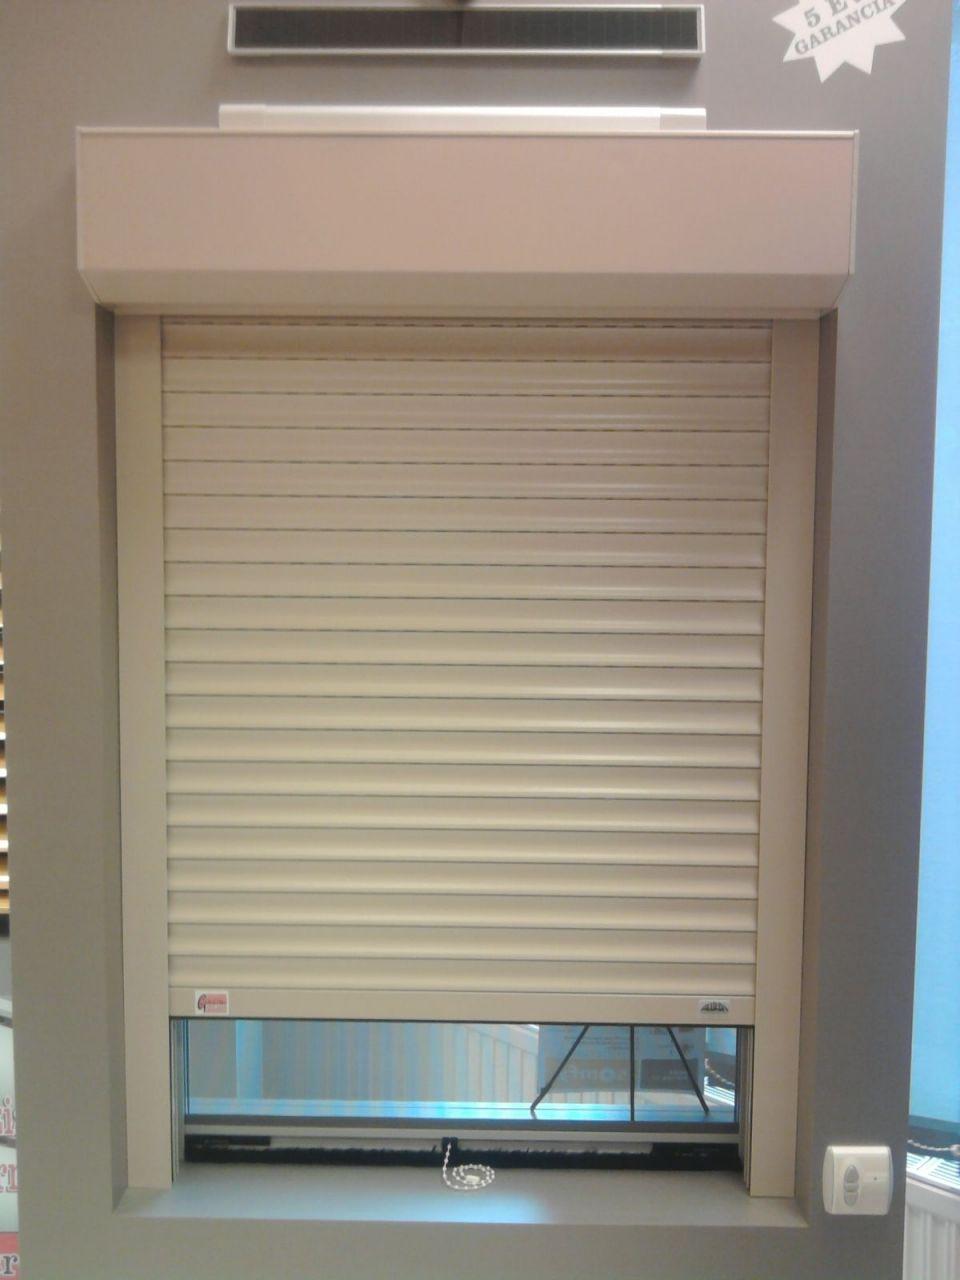 120x150 cm ANTE PLUSZ KOMBI alumínium előtét redőny, szúnyoghálóval, alumínium lefutó sínnel, alumínium lamellával fehér színben